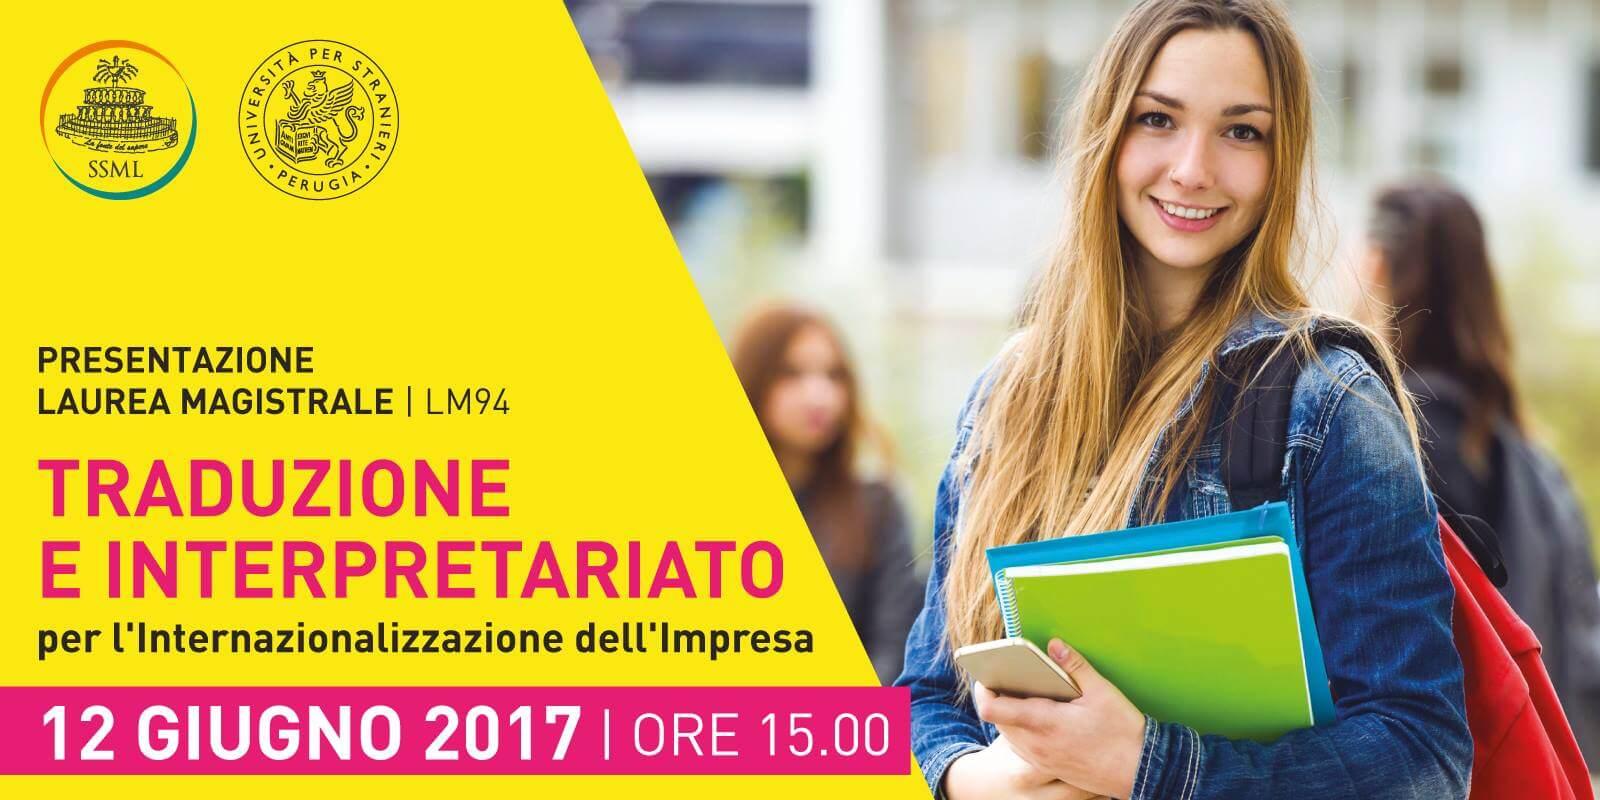 Presentazione nuovo corso di Laurea Magistrale - banner